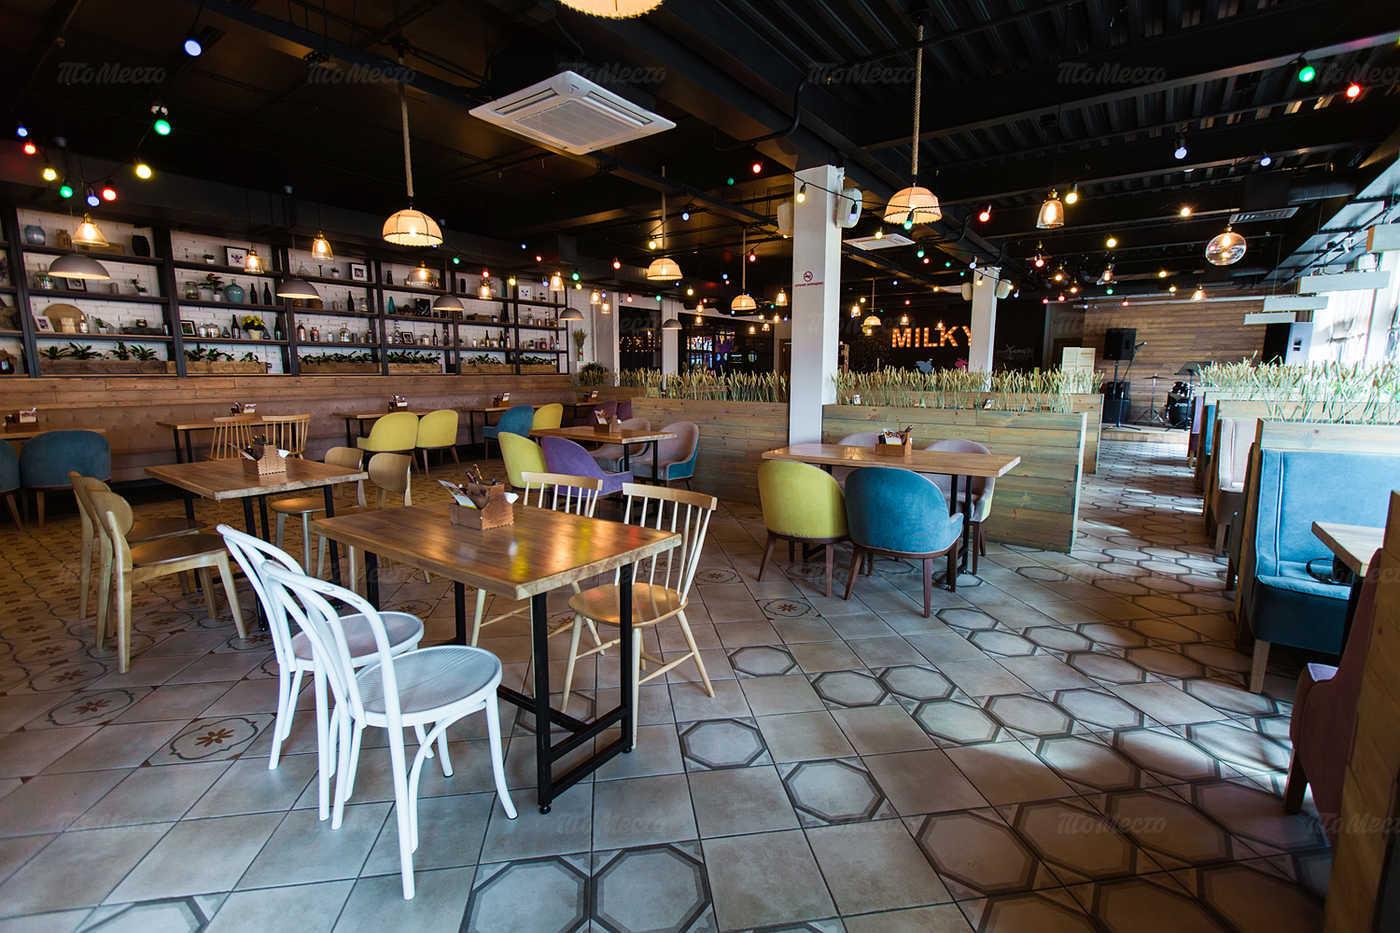 Банкеты ресторана Милки (Milky) на Красносельском шоссе фото 8